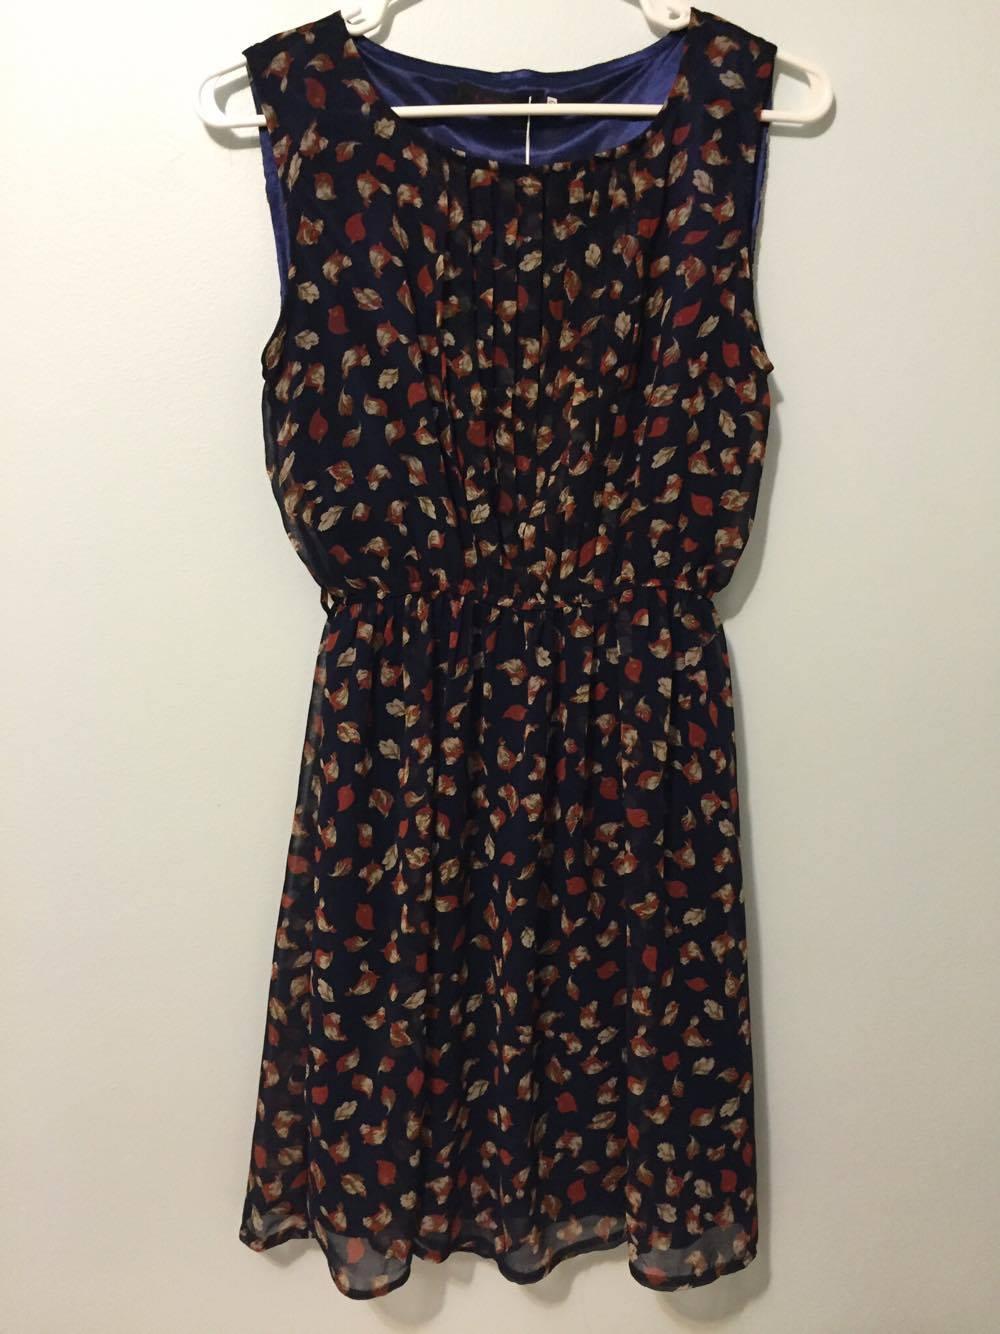 Navy blue patterned chiffon dress